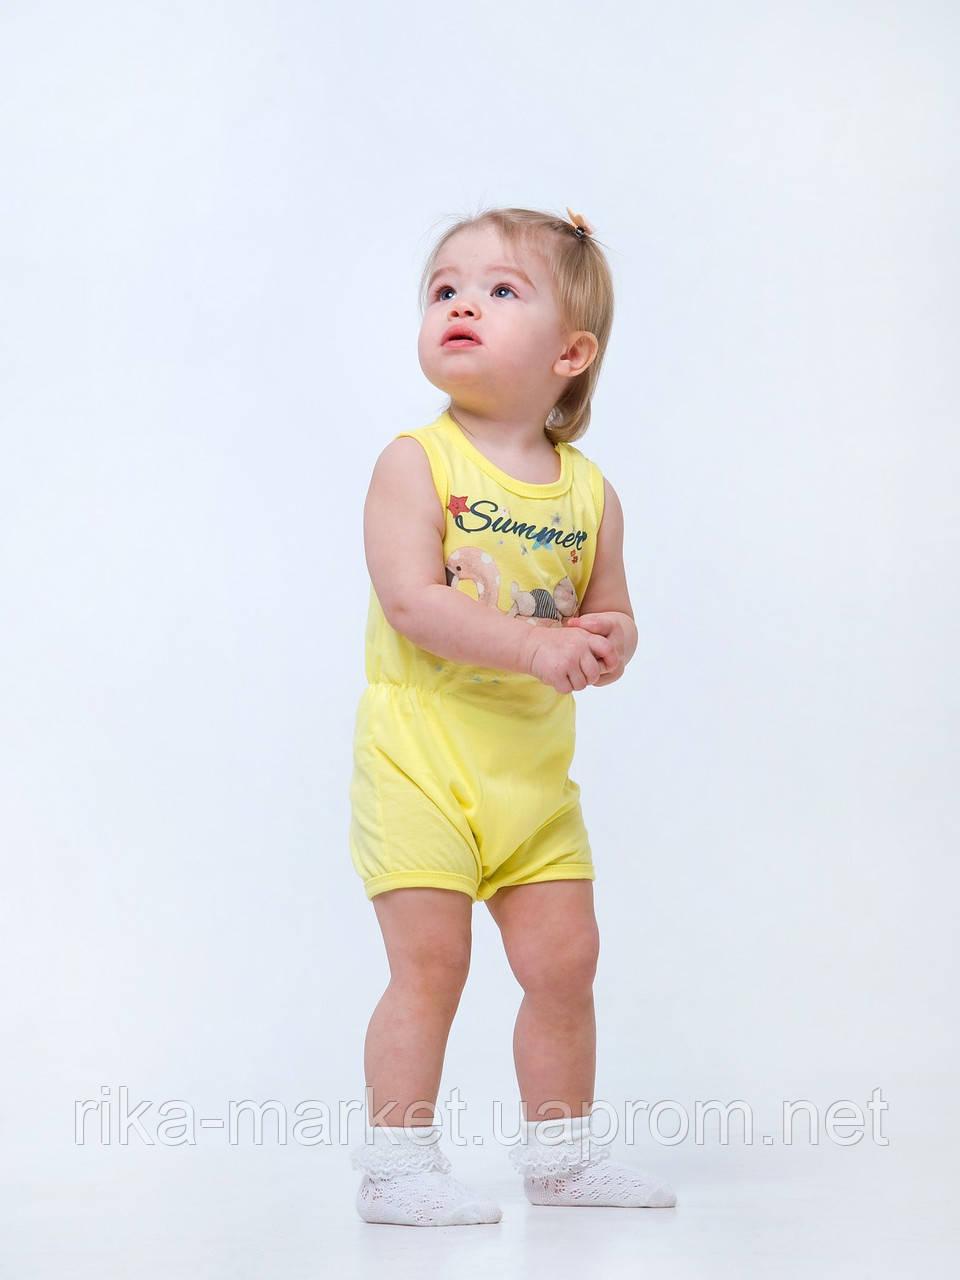 Песочник для девочки, Смил, от 6 до 18 месяцев, 111260